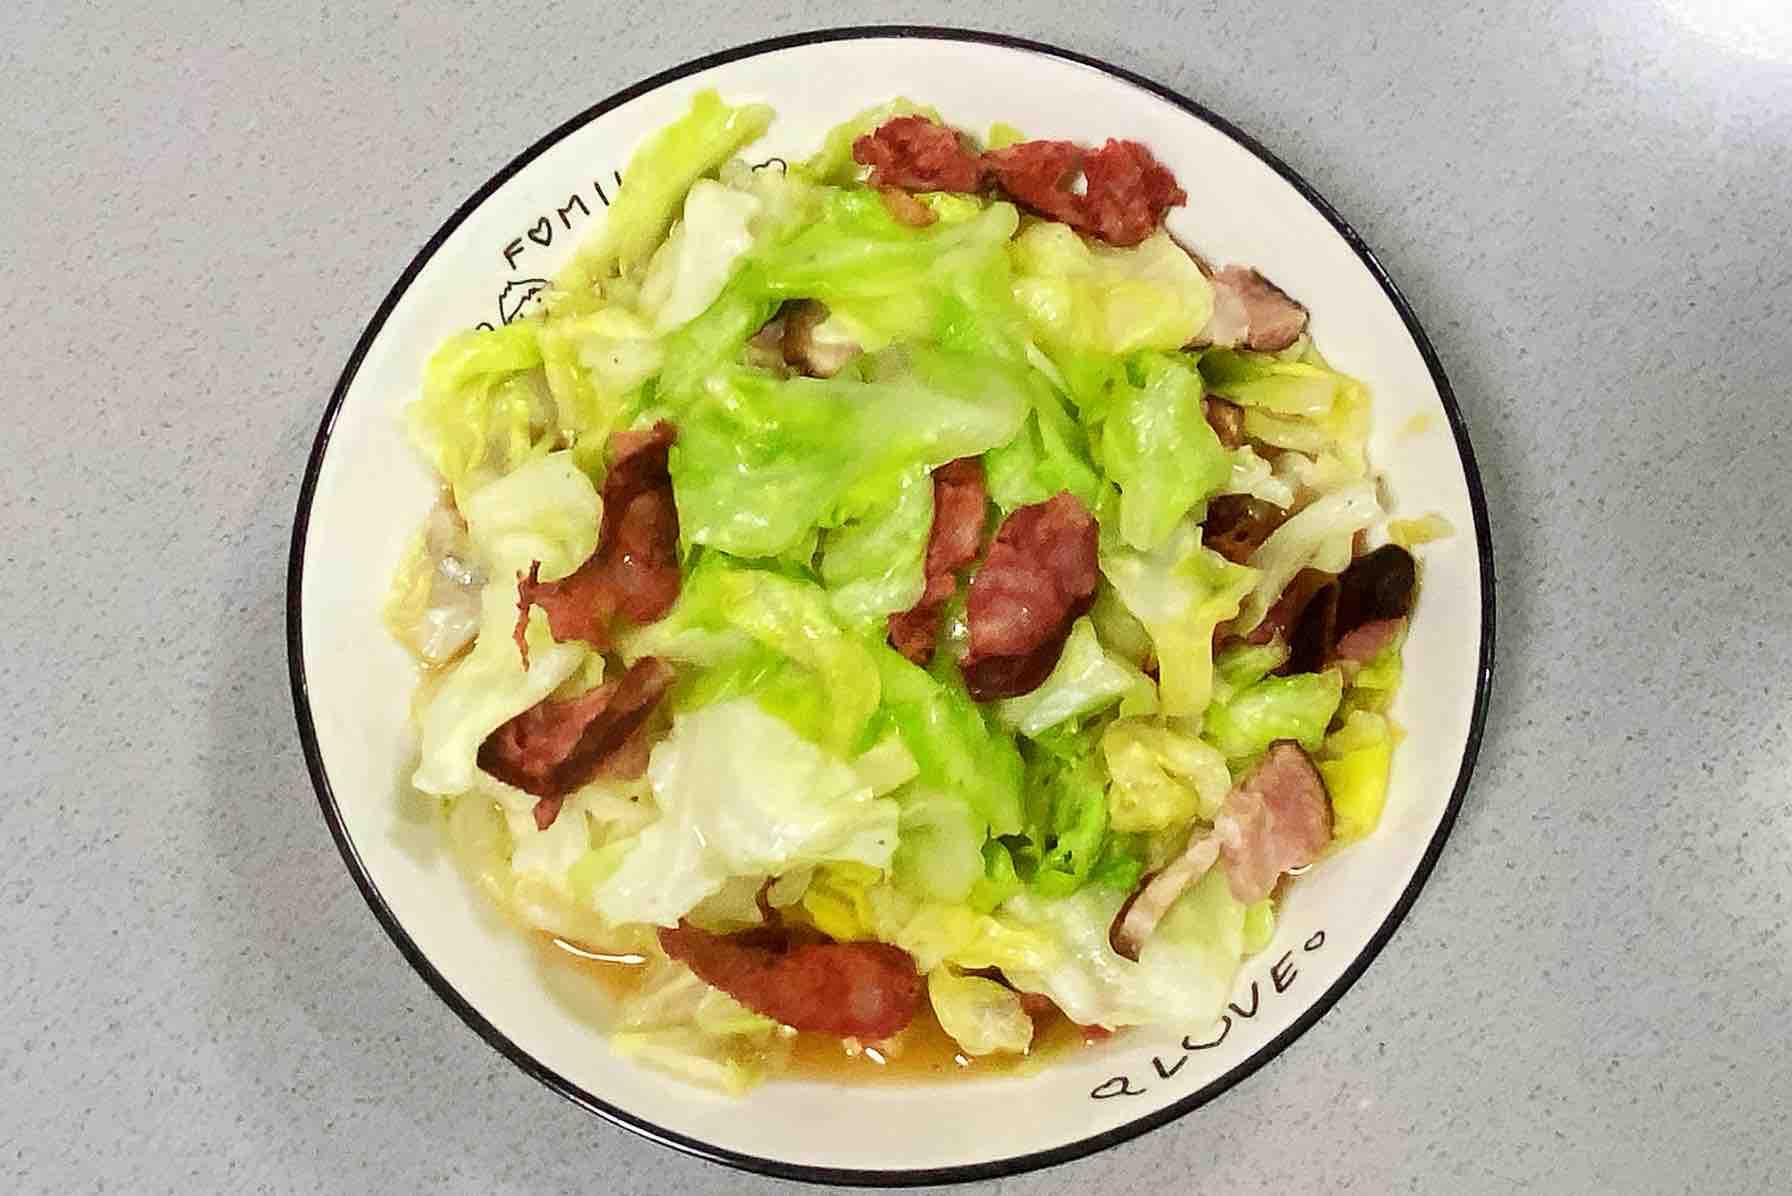 【孕妇食谱】手撕包菜炒腊肠,好吃又好看,美味又下饭~的步骤